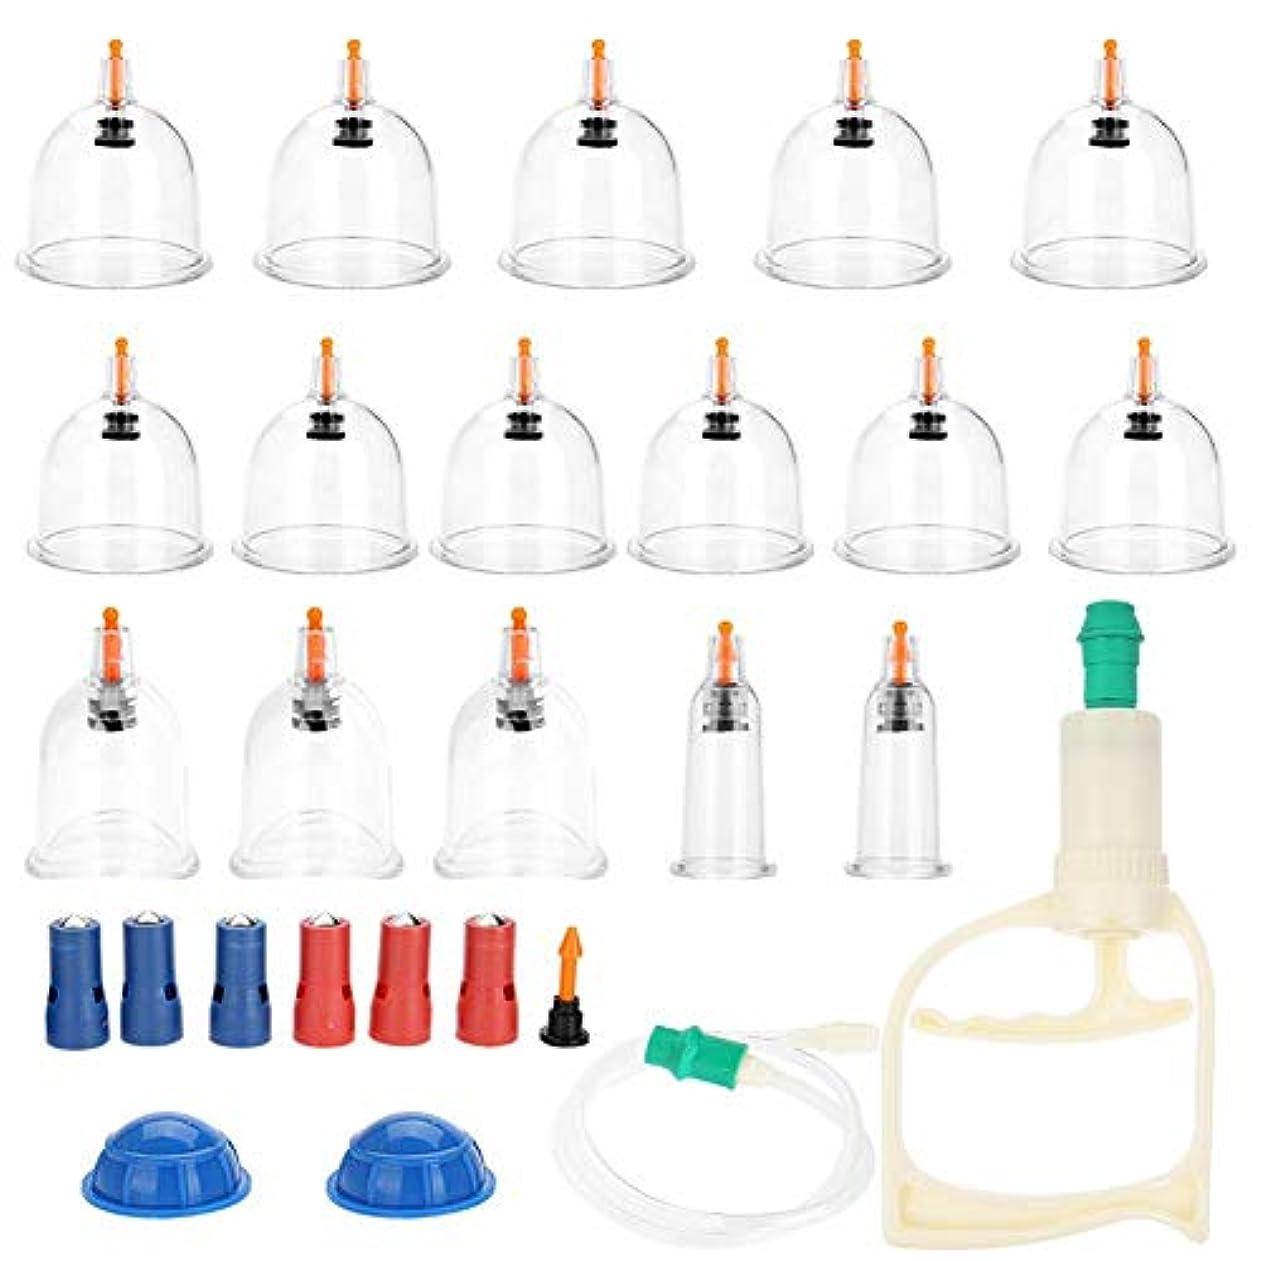 差別する強調夫婦カッピング - Delaman cupping、吸い玉カップ、真空吸引カッピングキット、マッサージカッピングセット、グリップハンド 真空ポンプ